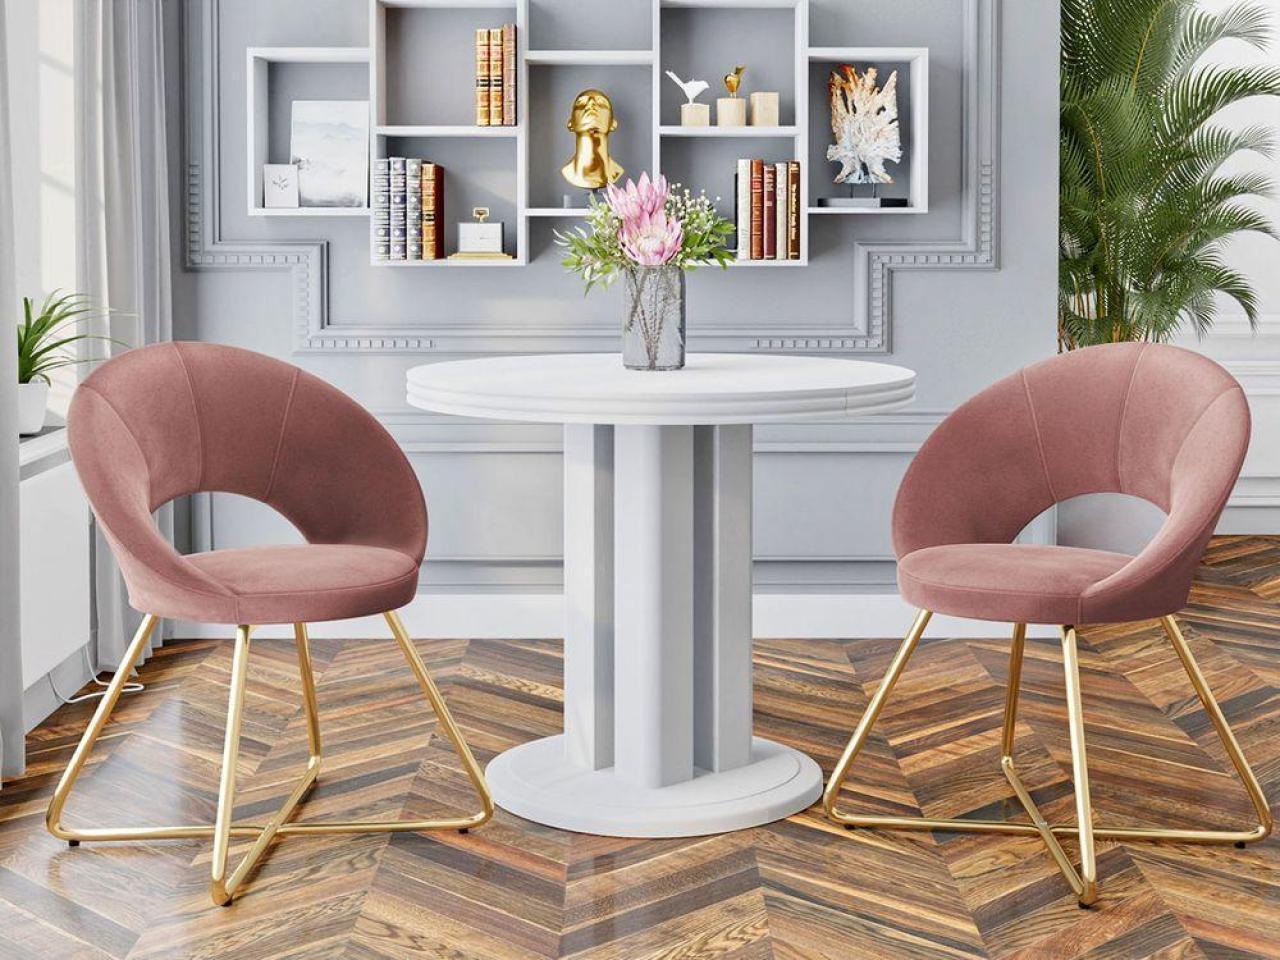 Furnipol - Польская мебель по доступным ценам - 3